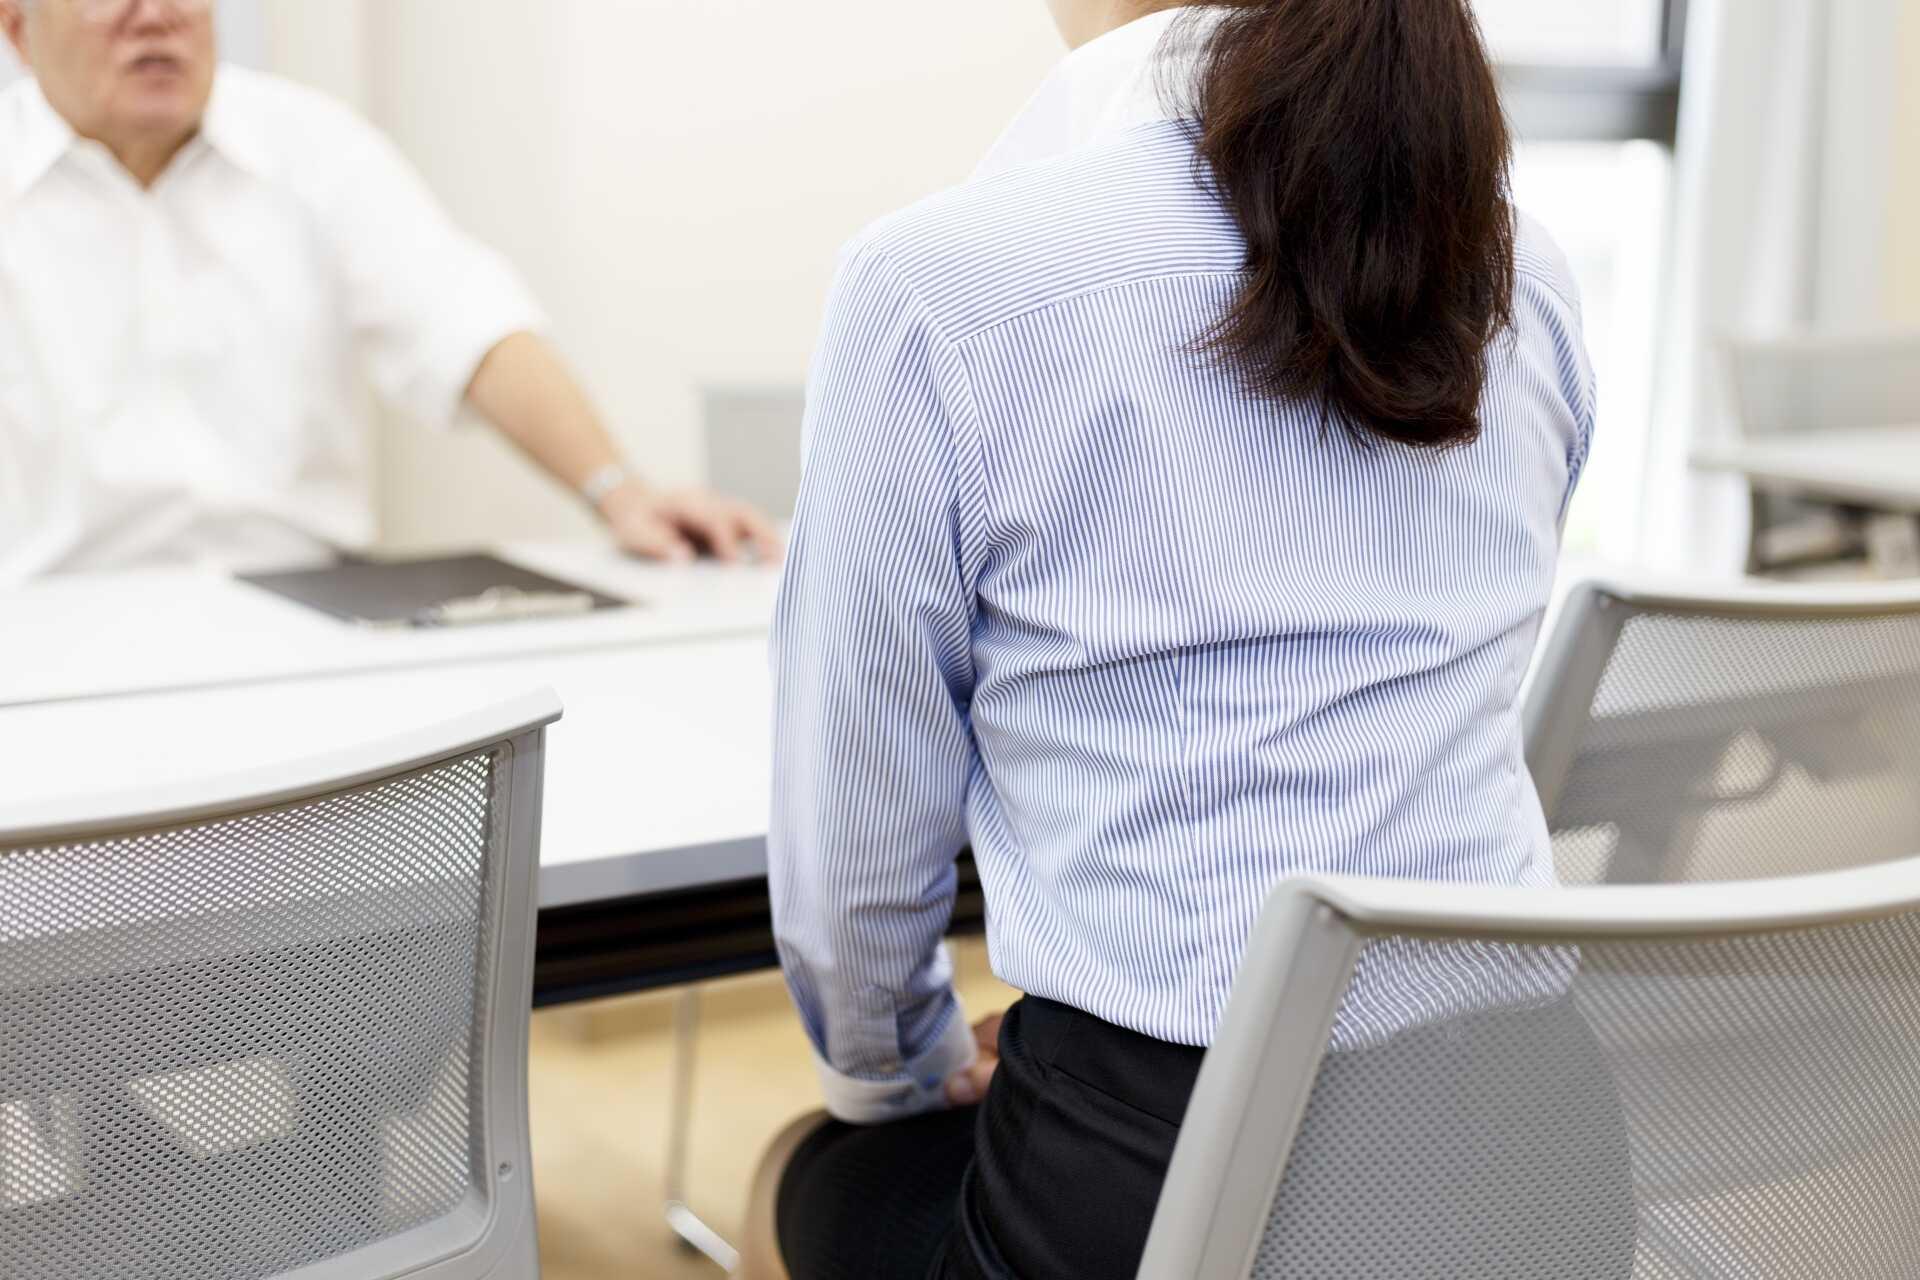 特技を面接で質問されたときの答え方は?自分を企業にアピールして就活を成功させよう!